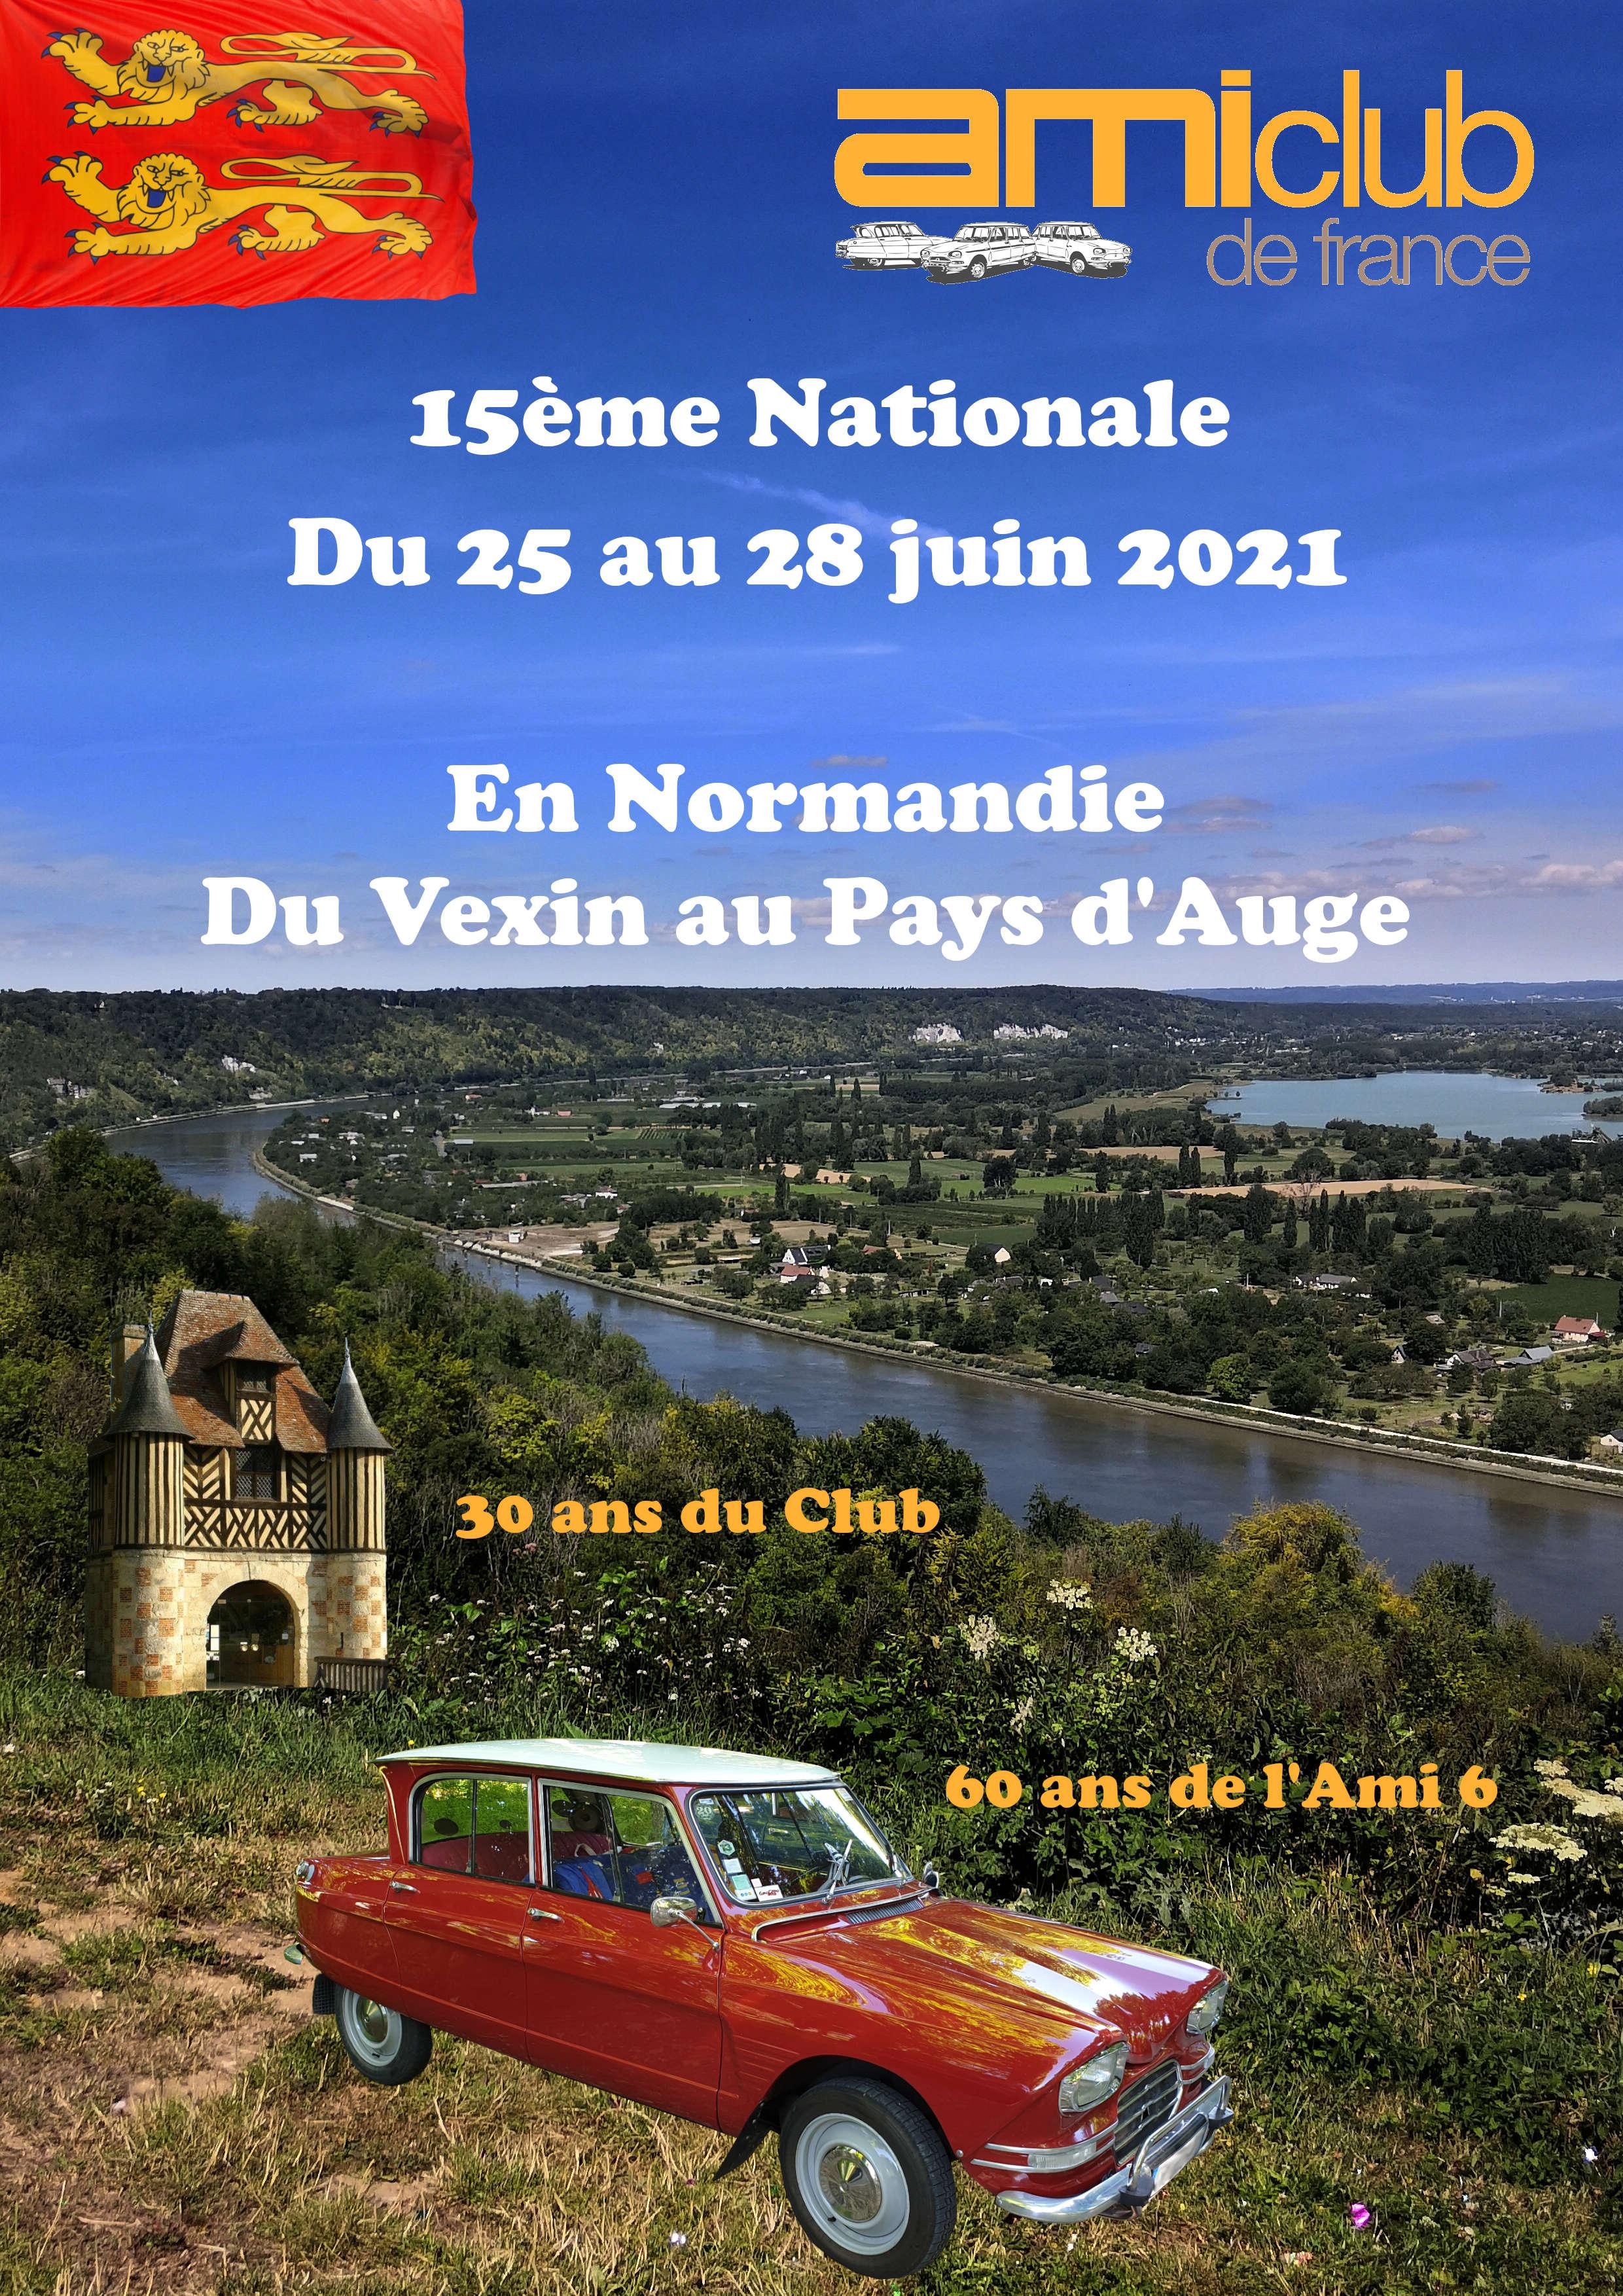 Affiche de la Nationale Ami 2021